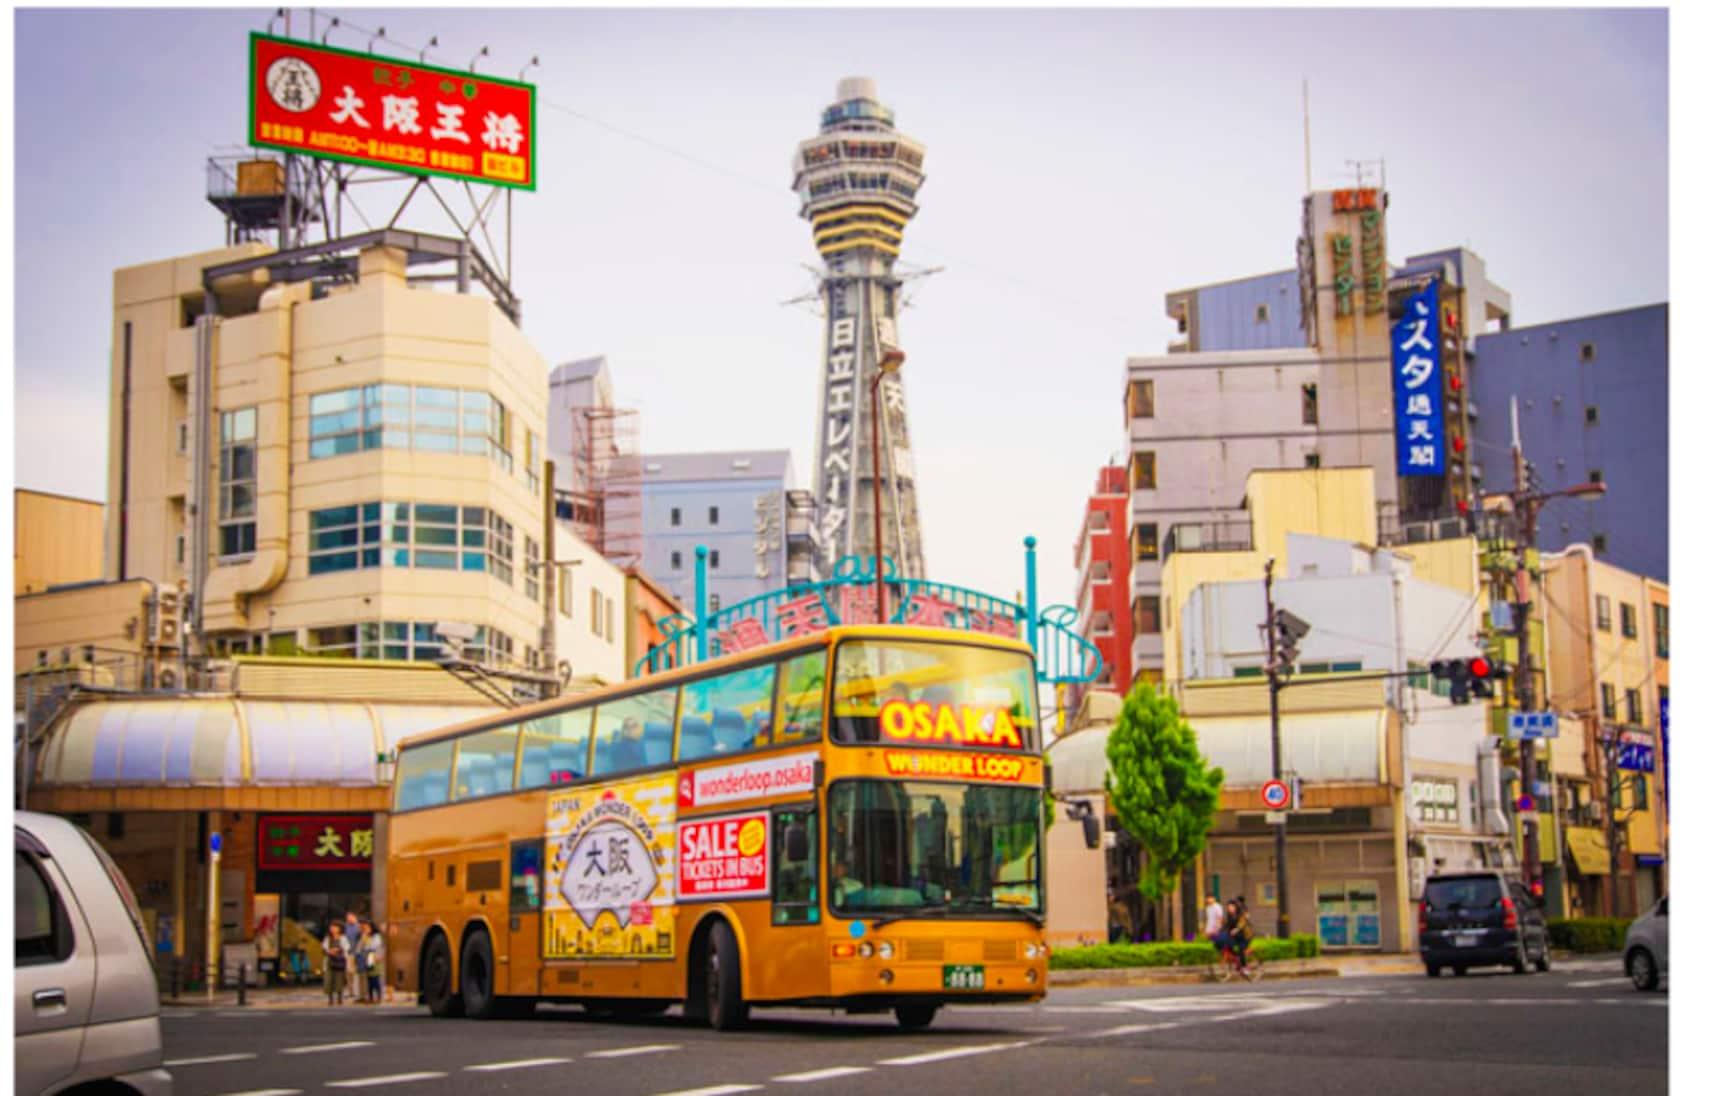 แวะลงทั้ง 13 ป้ายของ Osaka Wonder Loop Bus